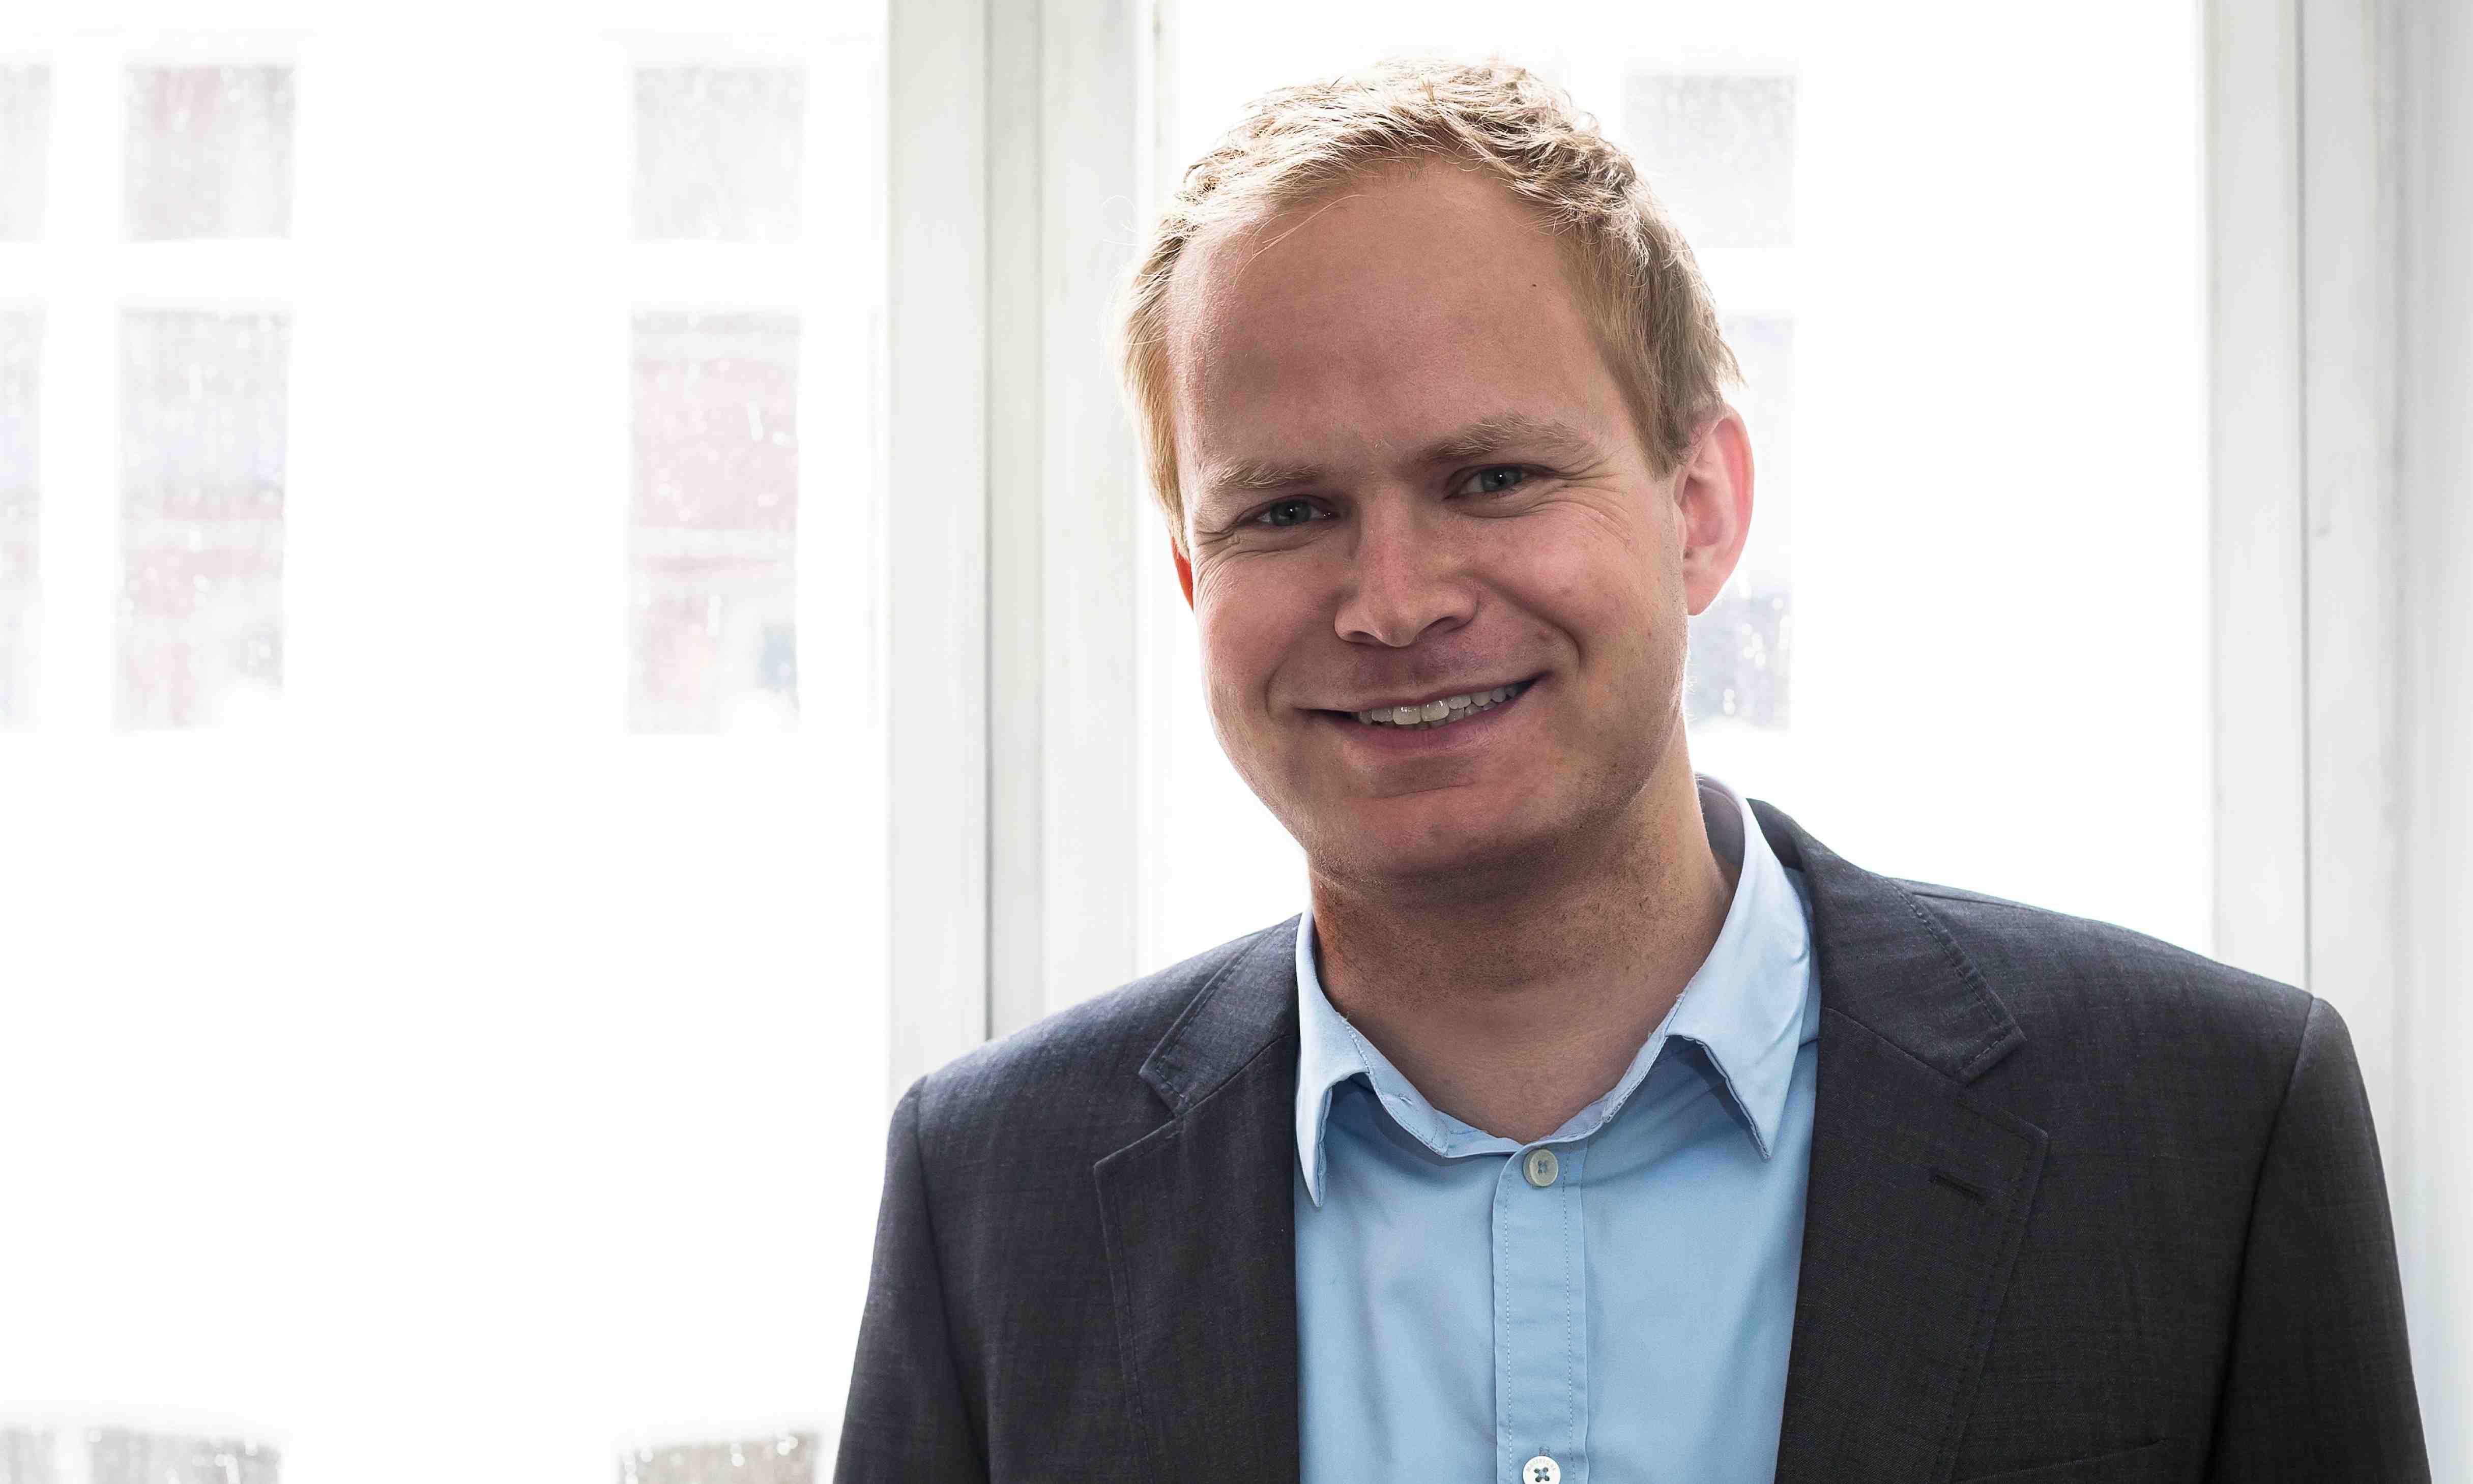 Image of Flauwer founder